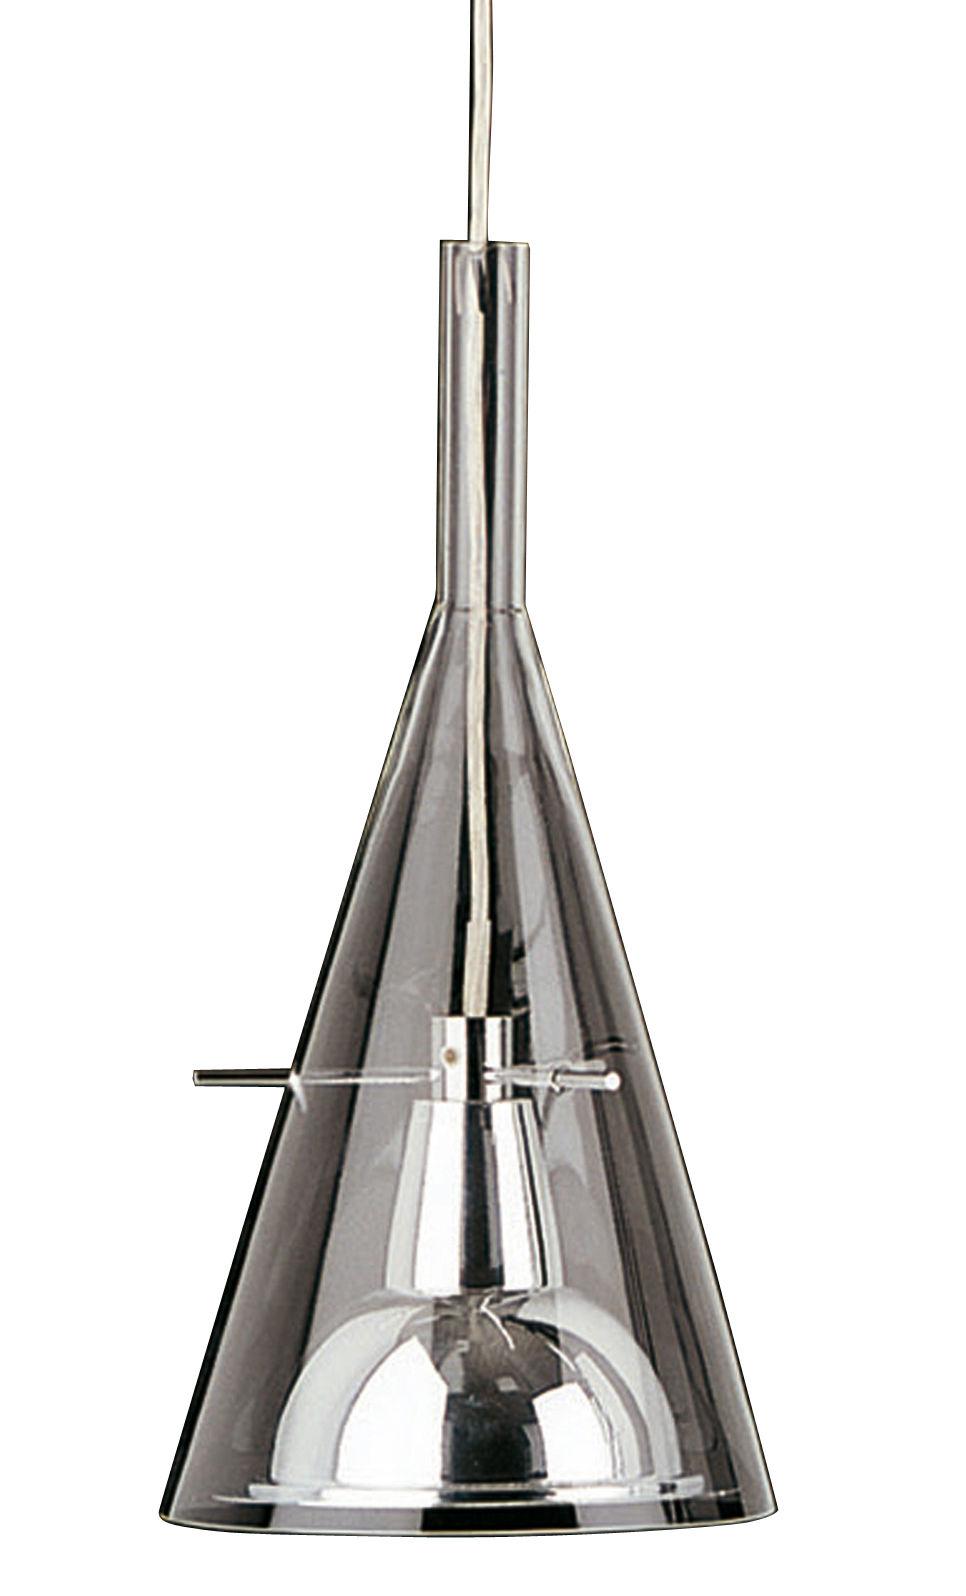 Luminaire - Suspensions - Suspension Flûte 1 - Magnum - Fontana Arte - Verre - Chrome - Aluminium chromé, Verre